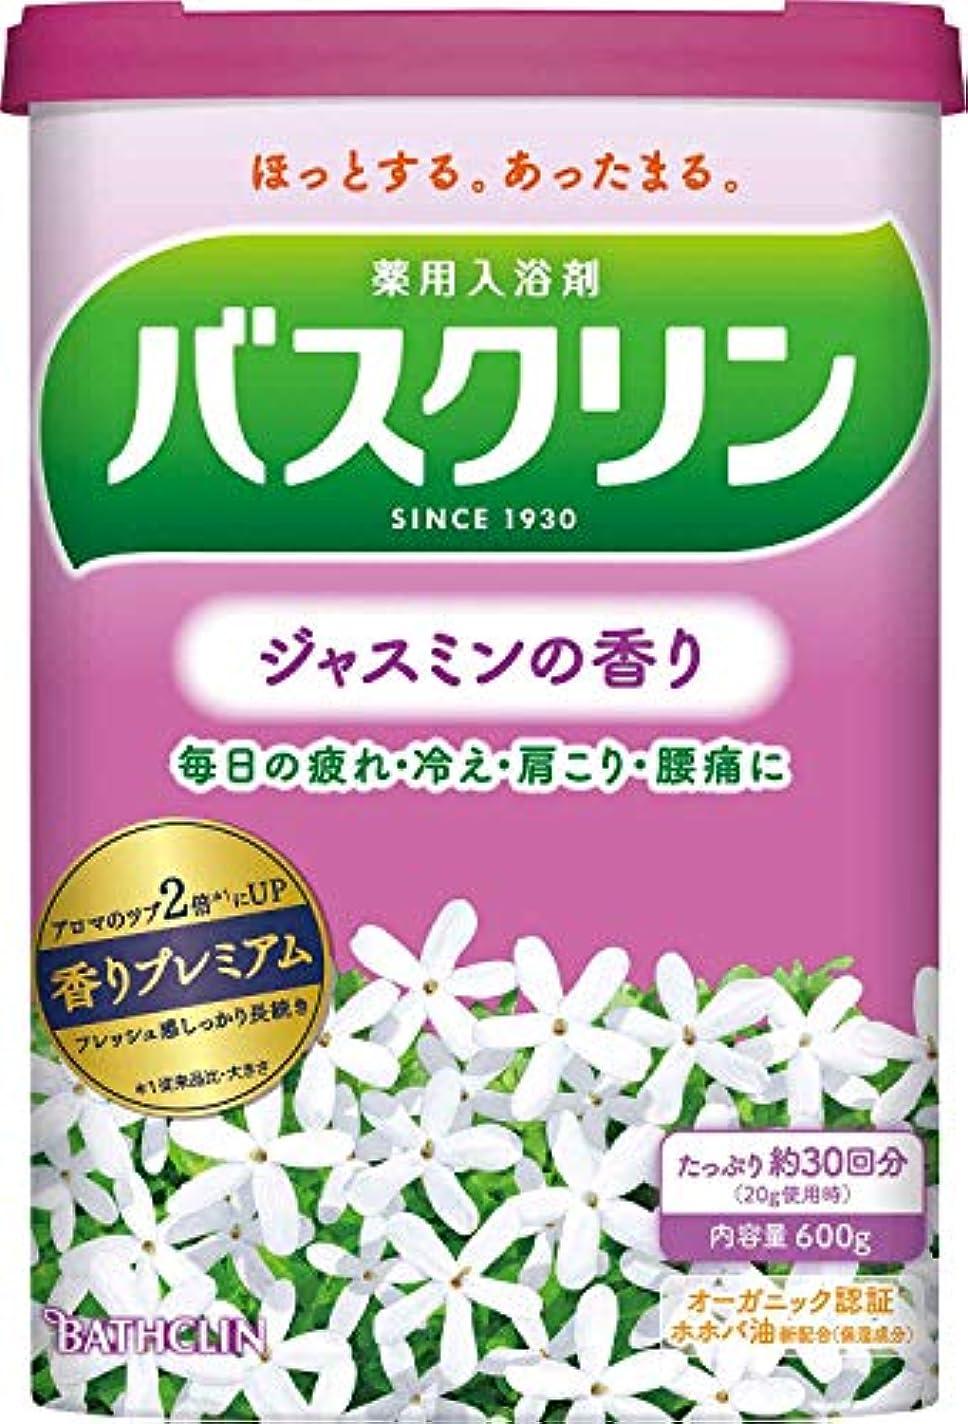 命令ダンス区【医薬部外品】バスクリン入浴剤 ジャスミンの香り600g(約30回分) 疲労回復